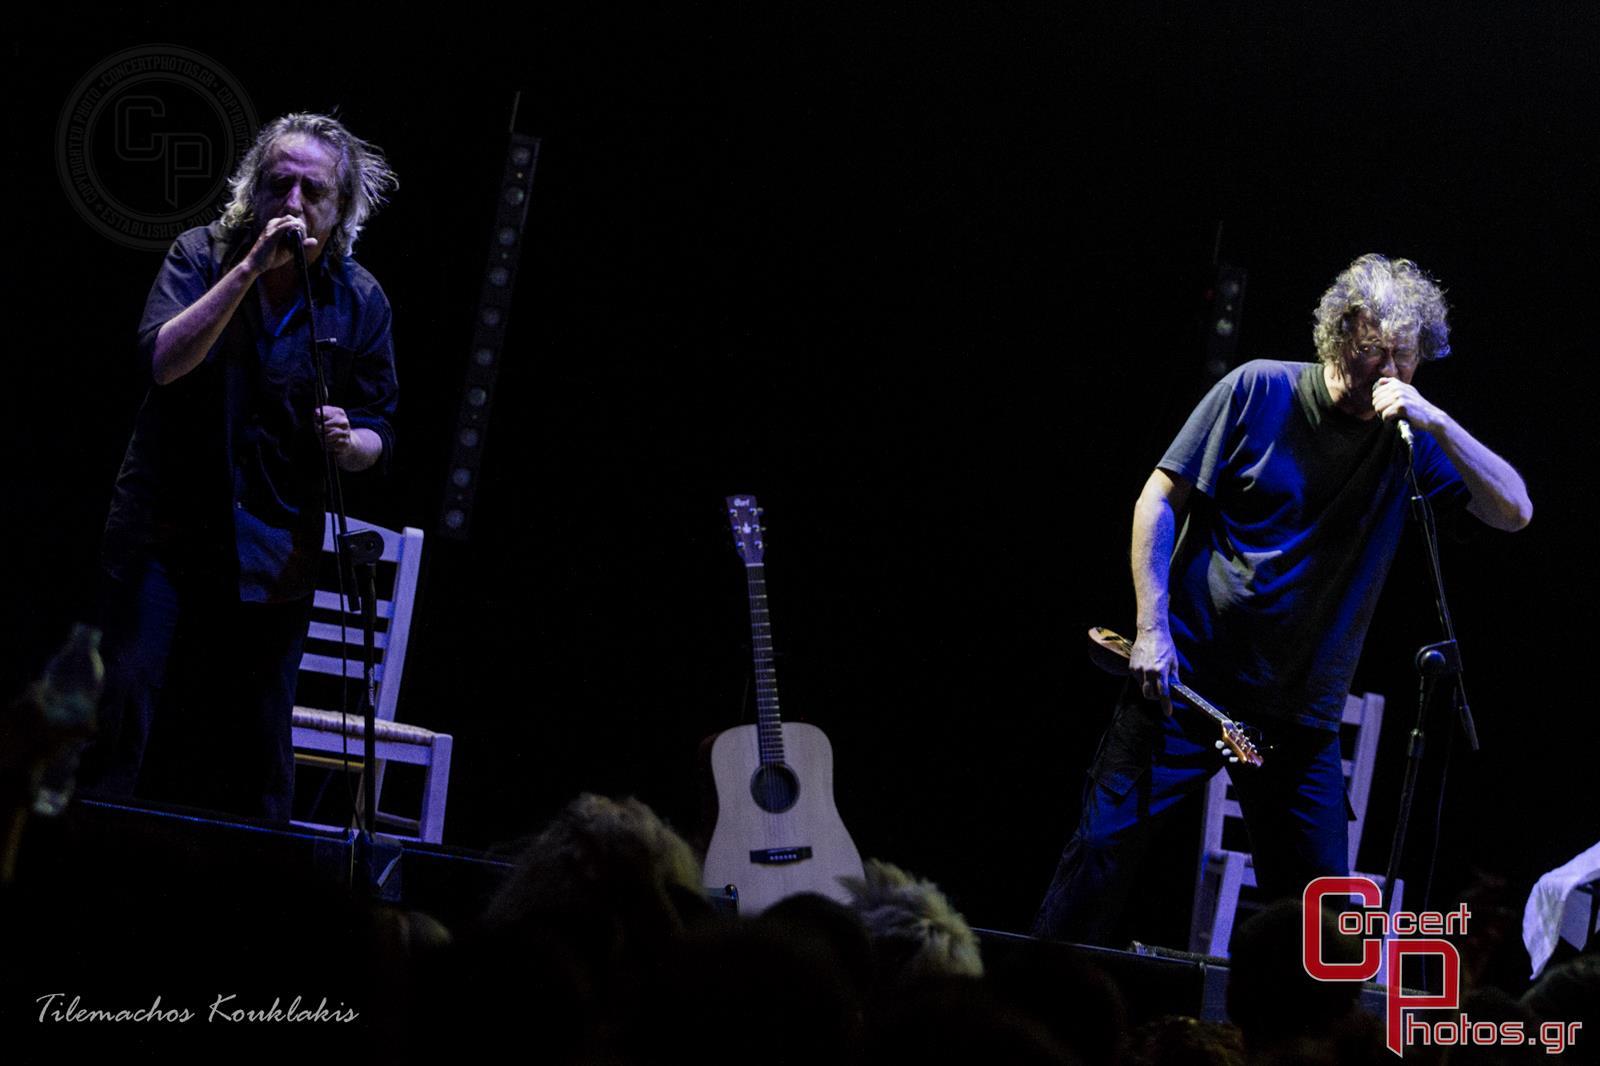 Γιάννης Αγγελάκας - Σύννεφα με Παντελόνια-Aggelakas-2 photographer:  - concertphotos_-1405153346